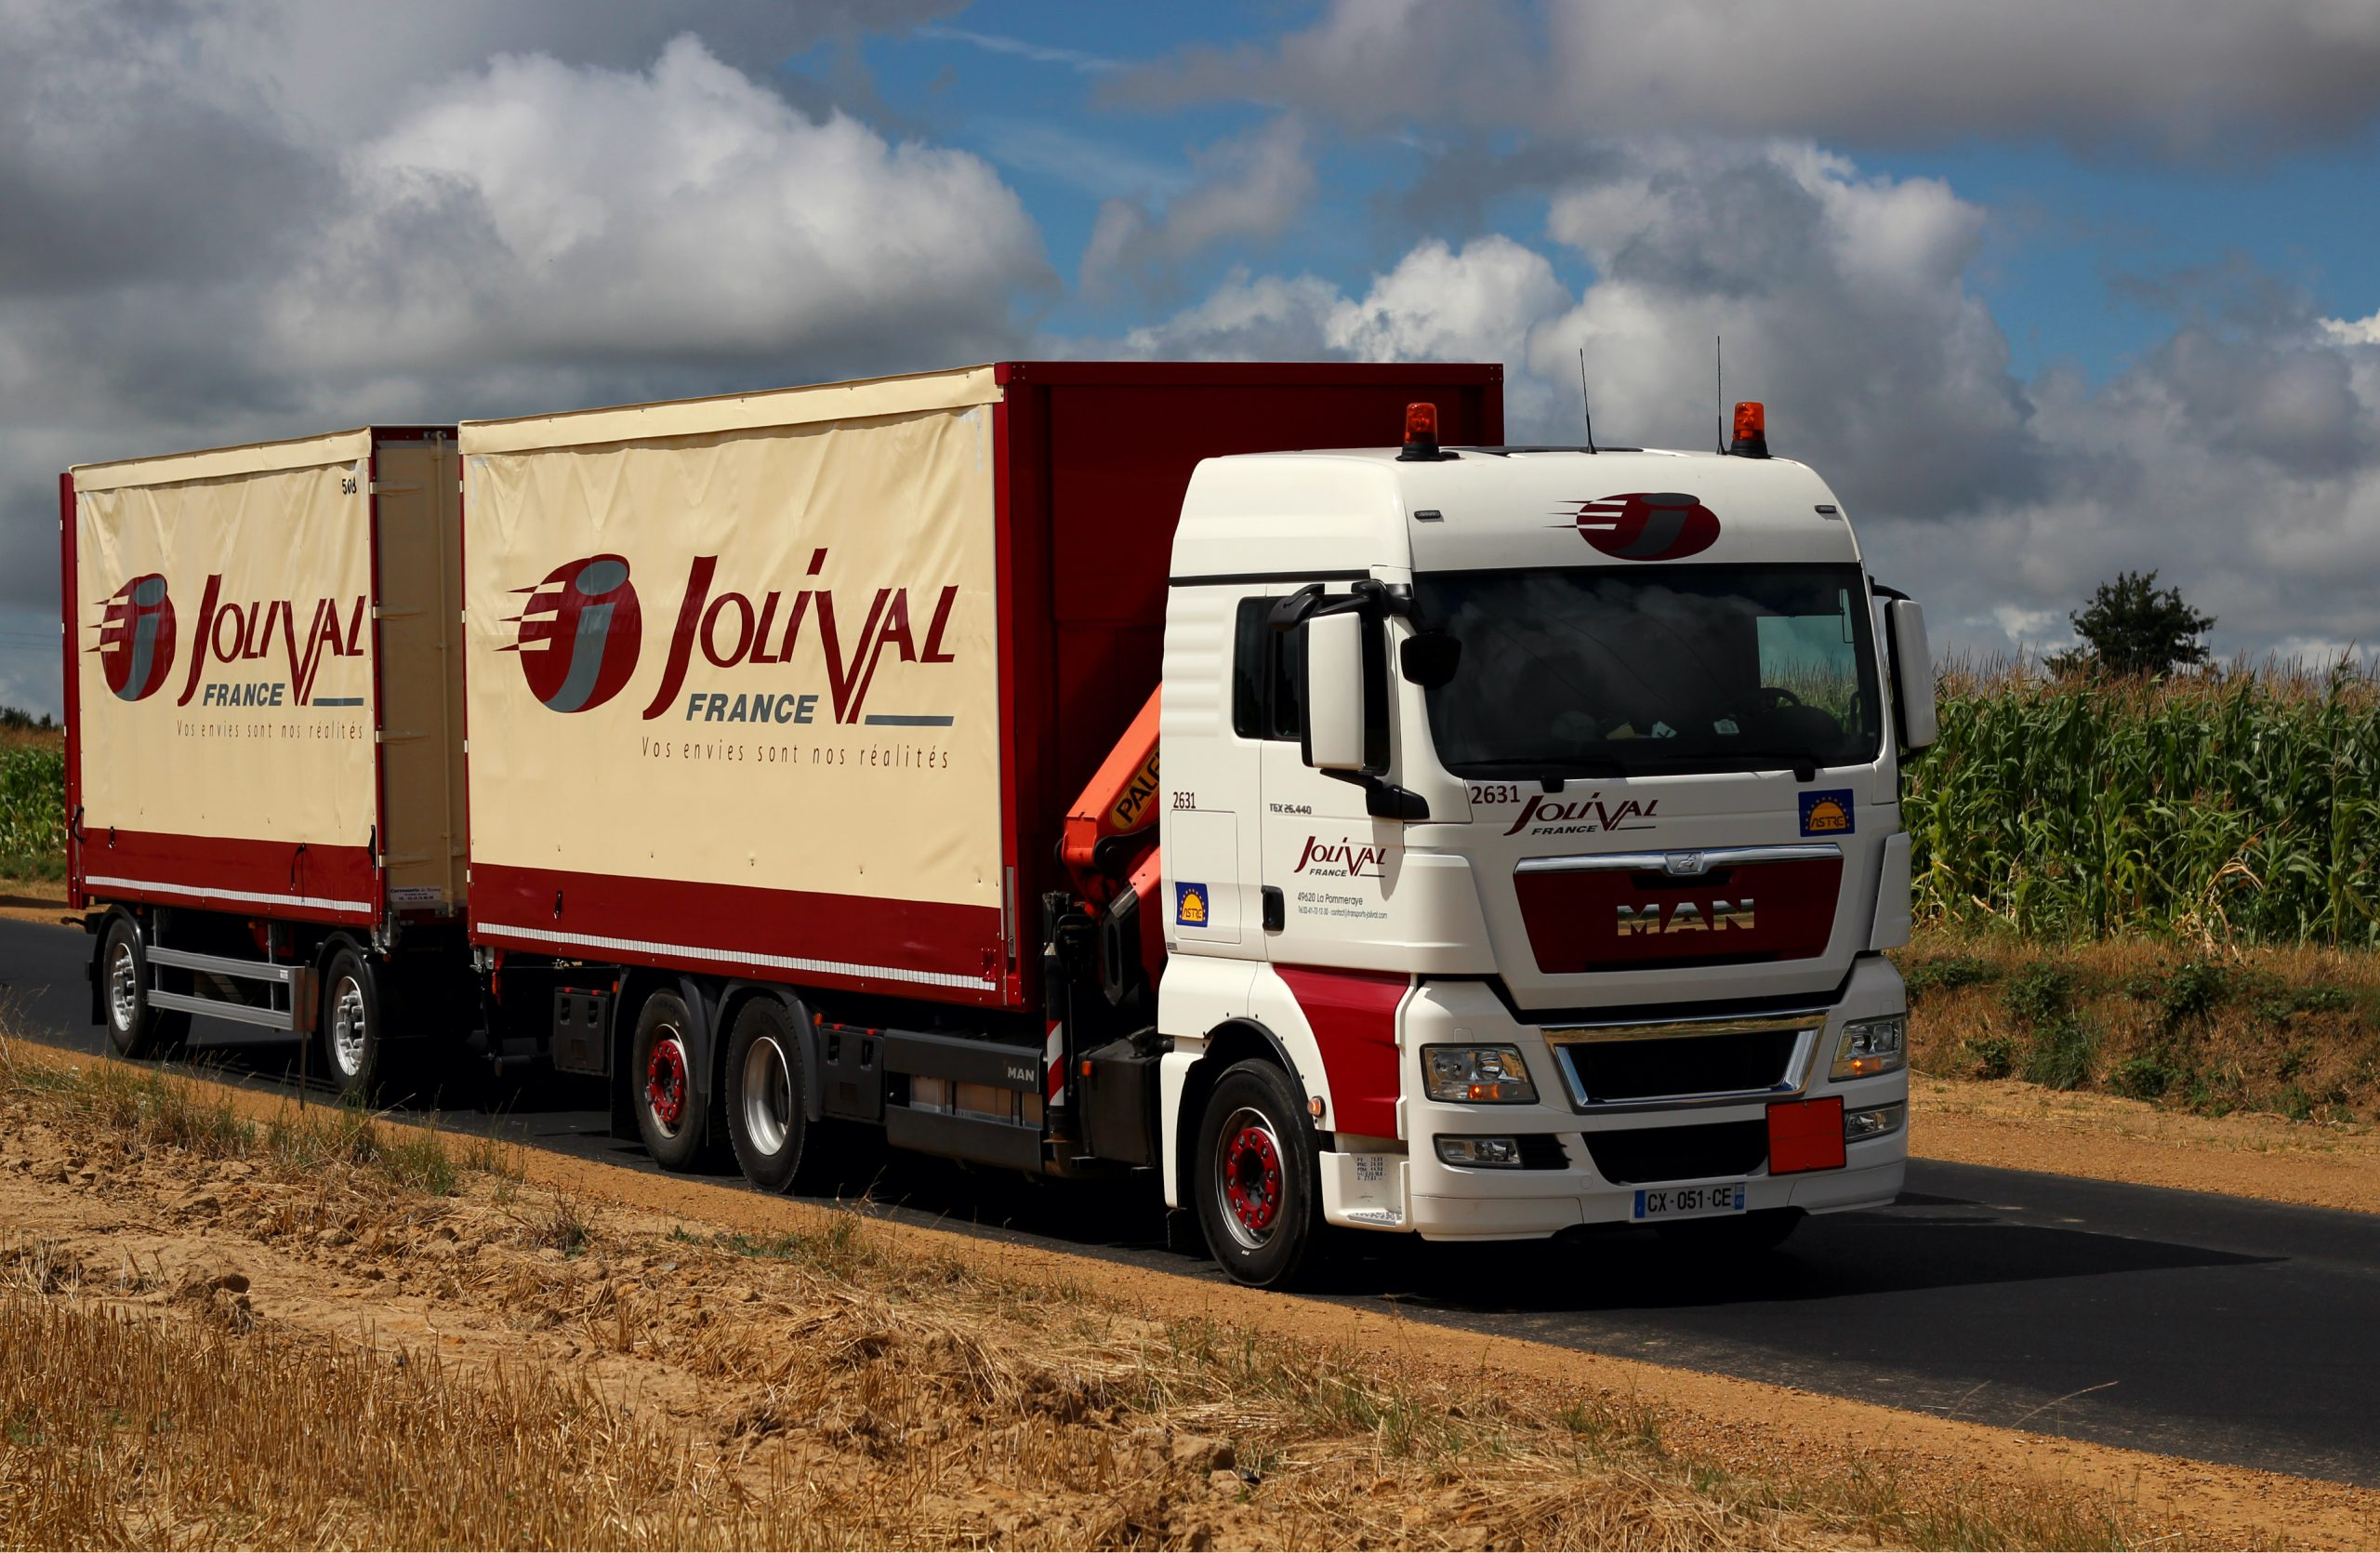 assurer-le-transport-jolival